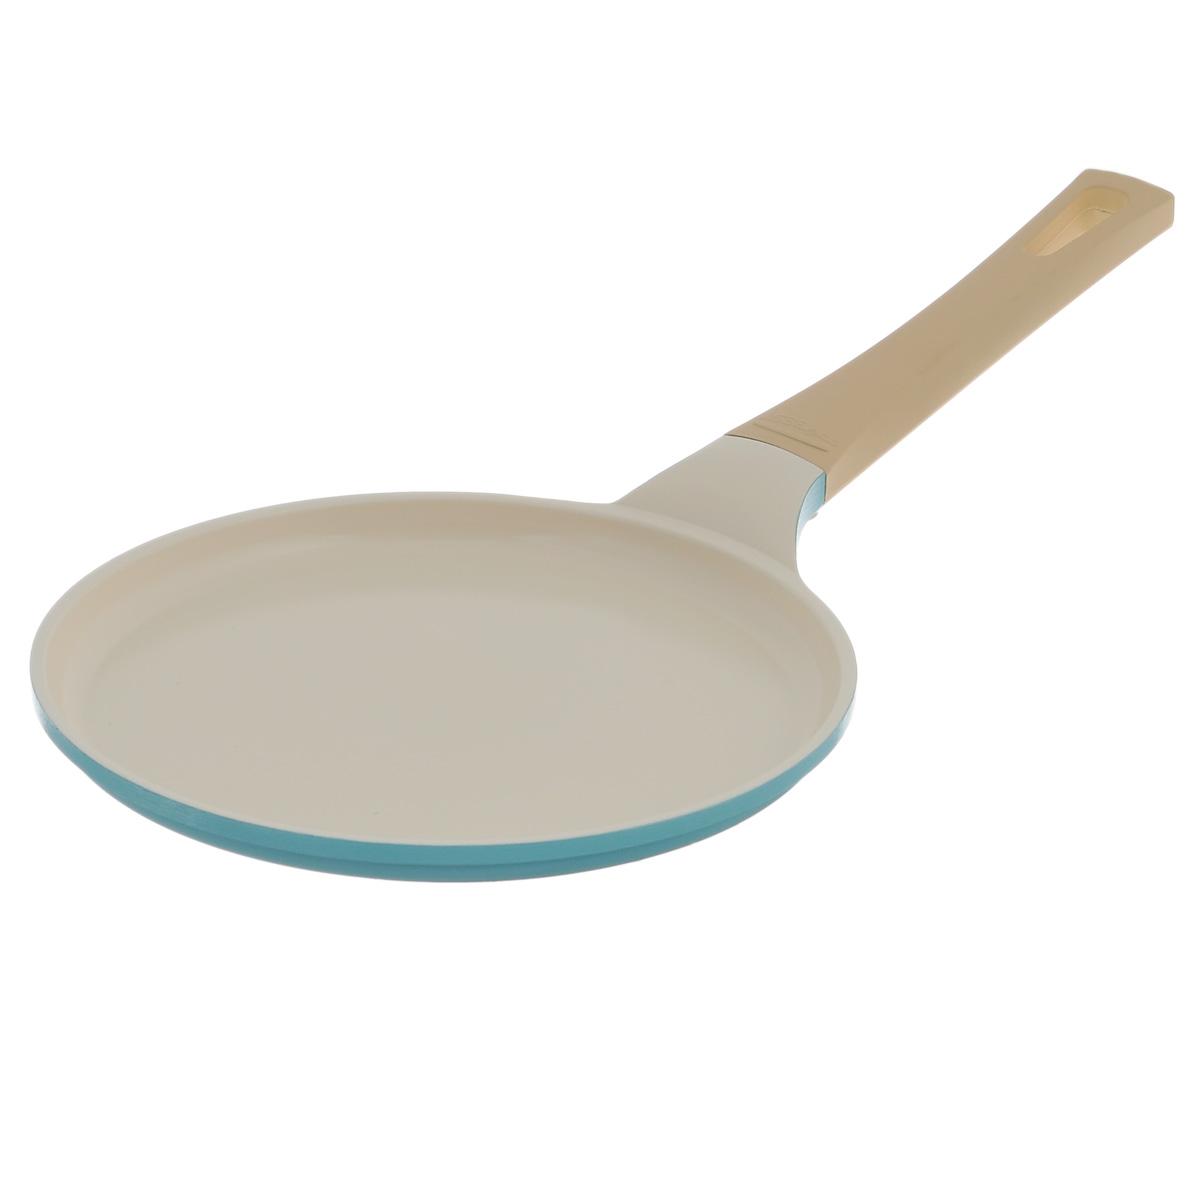 Сковорода для блинов Frybest Round, с керамическим покрытием, цвет: голубой. Диаметр 22 см